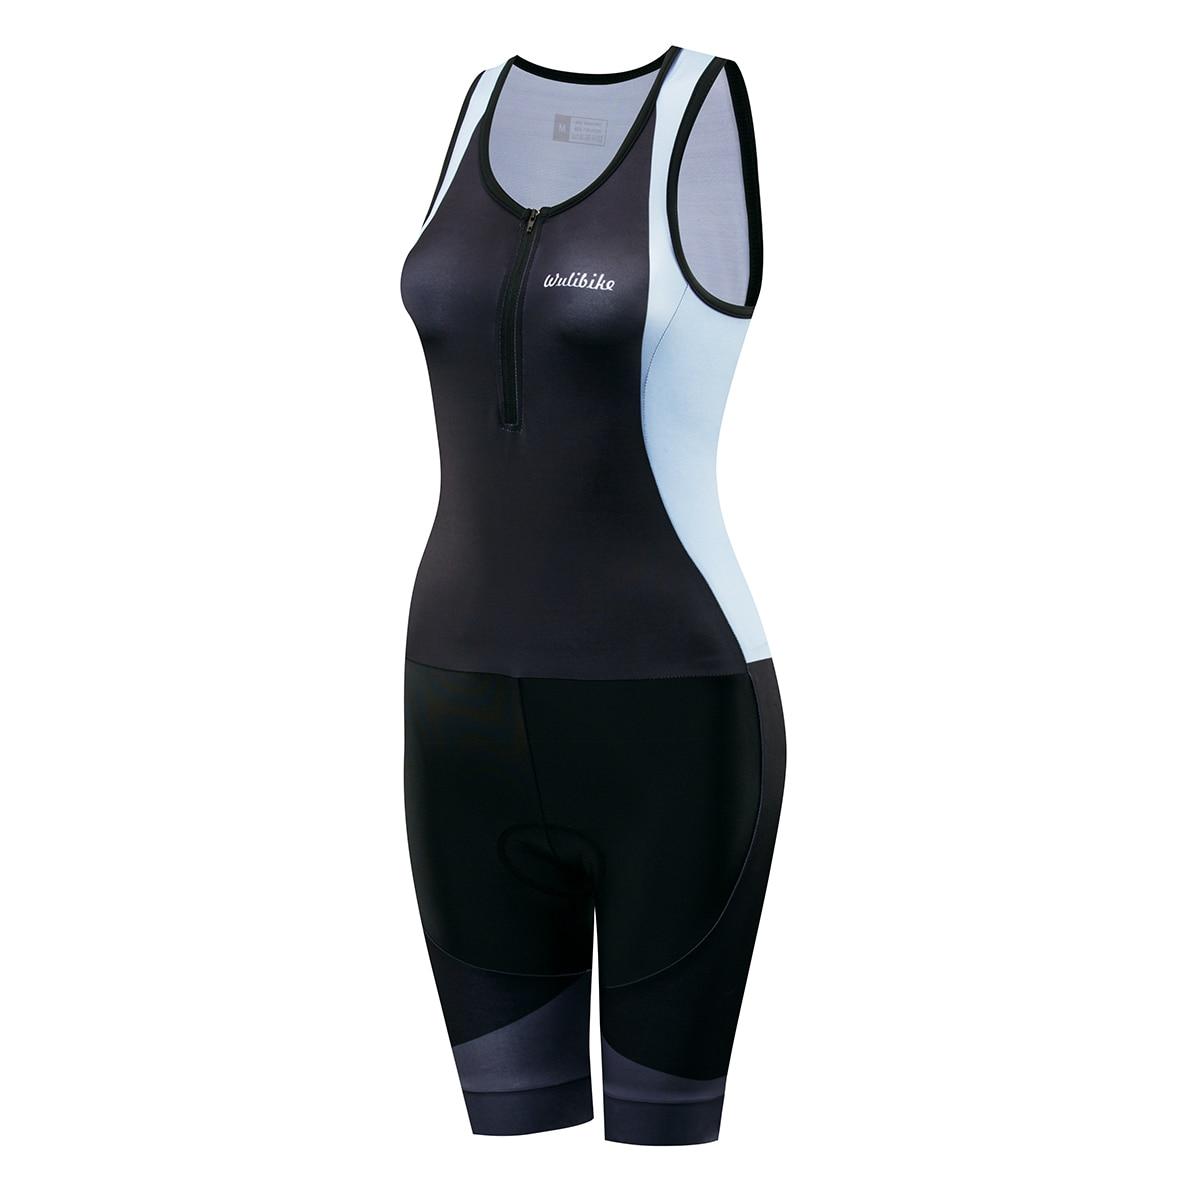 Femmes de Manches Courtes Triathlon Course Costume Trifonction Vélo Skinsuit À Séchage Rapide Respirant pour Piscine Courir Formation